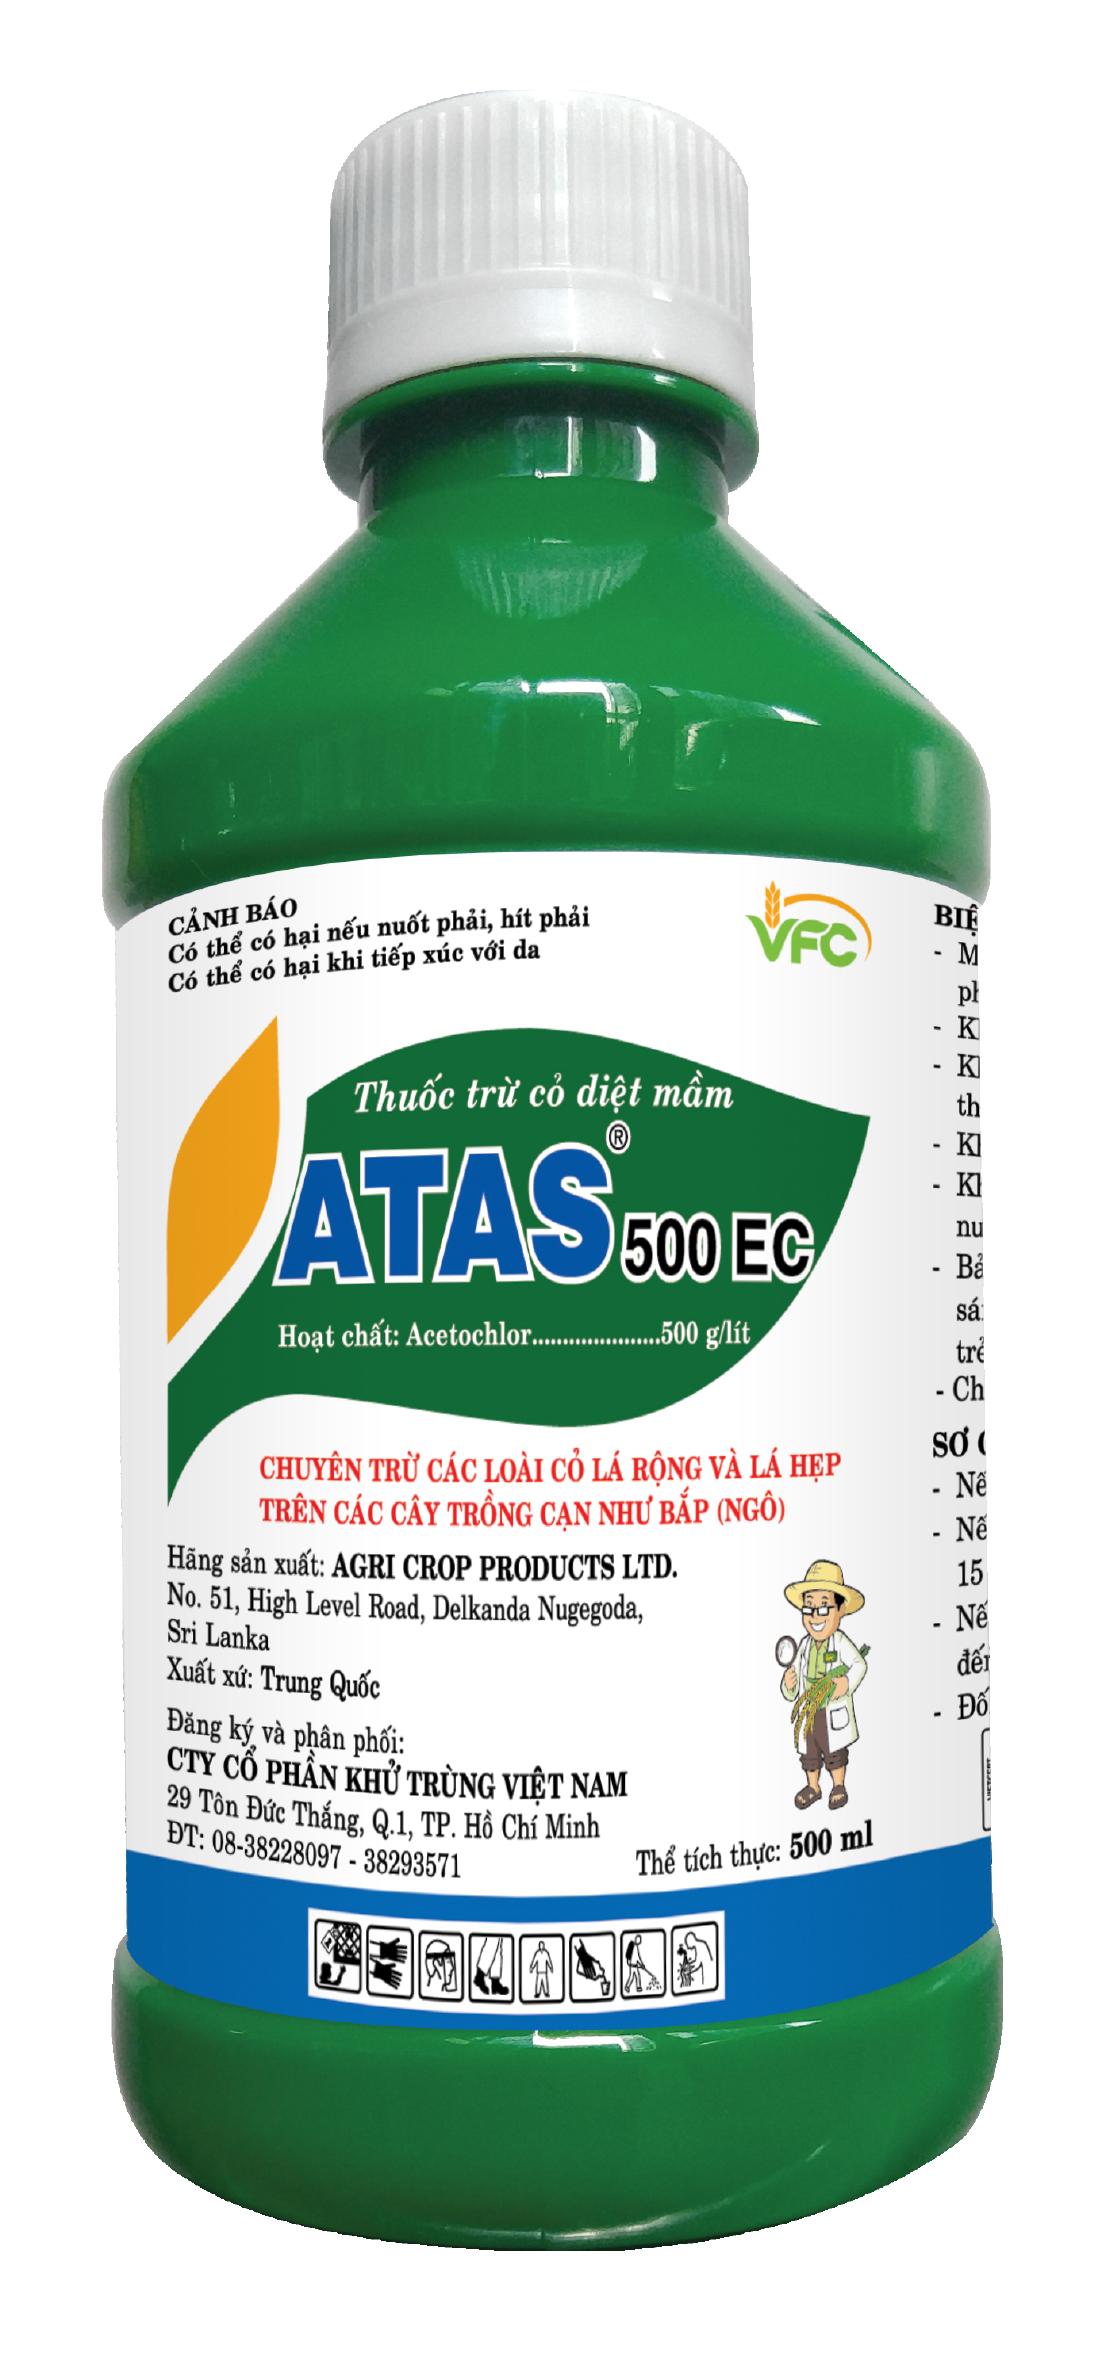 ATAS 500EC